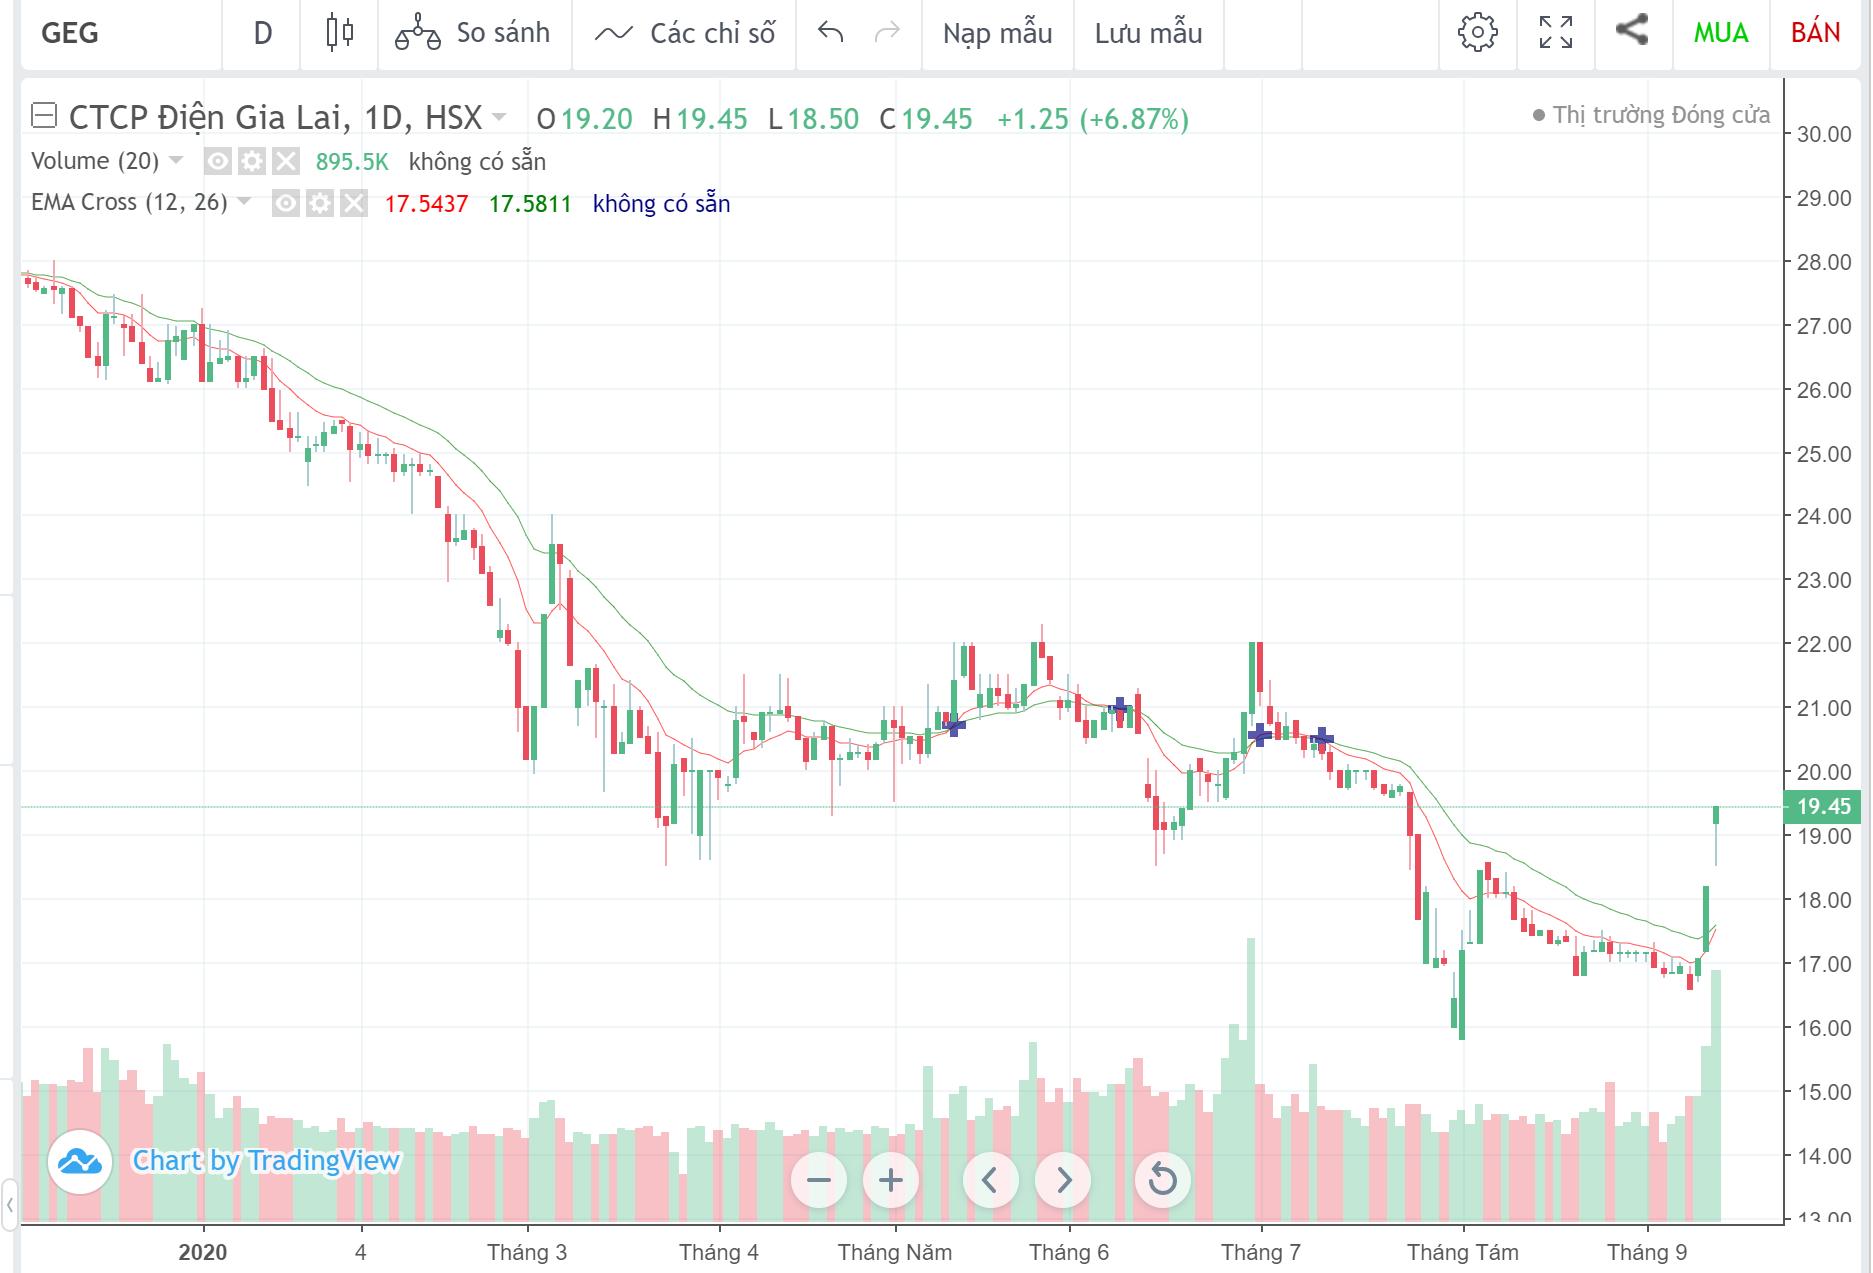 Cổ phiếu tâm điểm ngày 15/9: DBC, TCT, GEG, LDG - Ảnh 4.